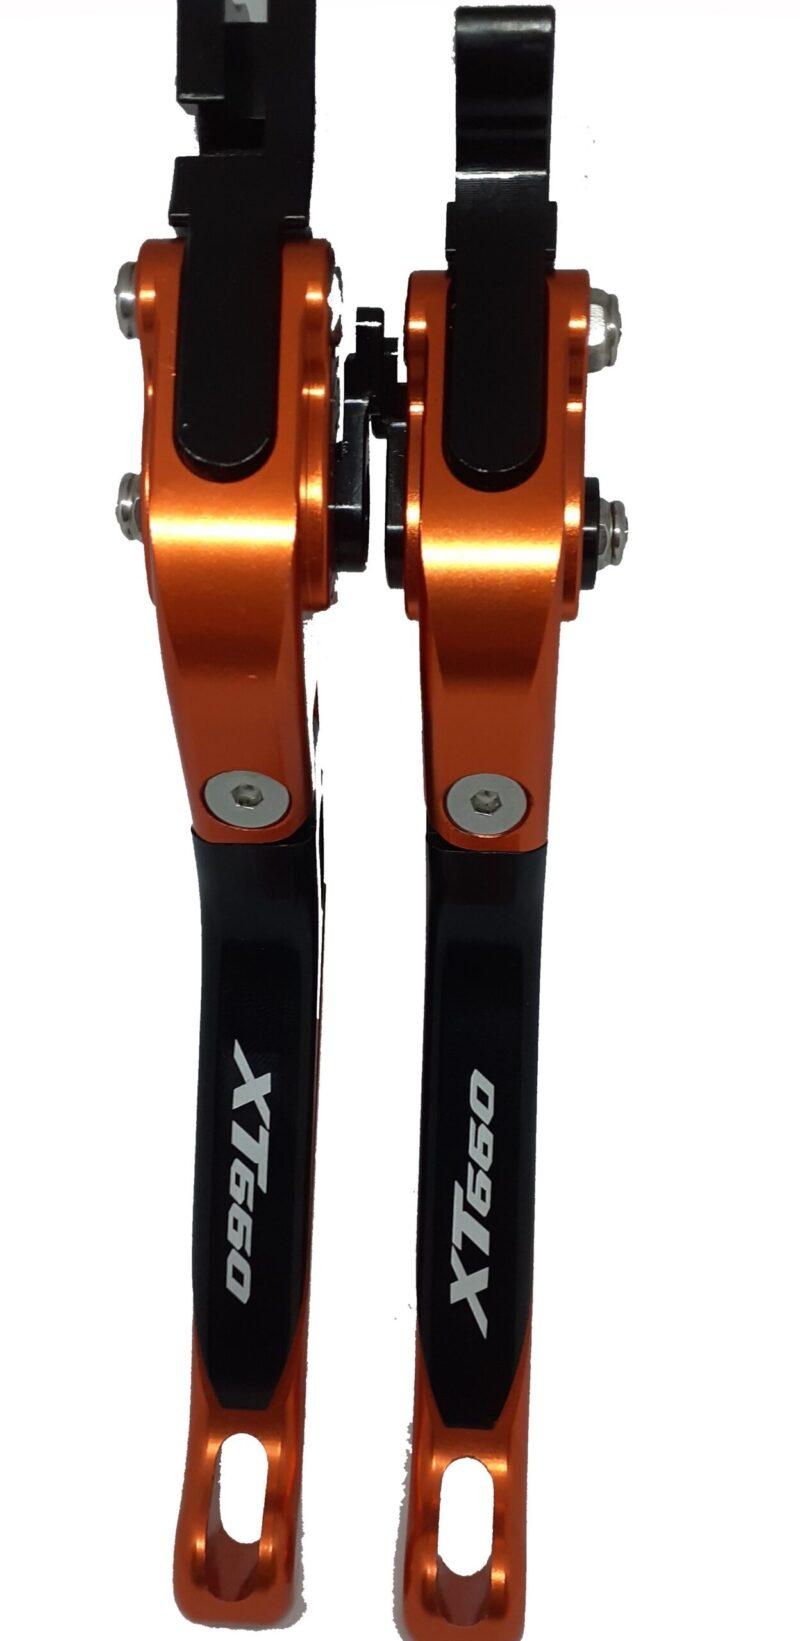 xt660 portokali4. scaled